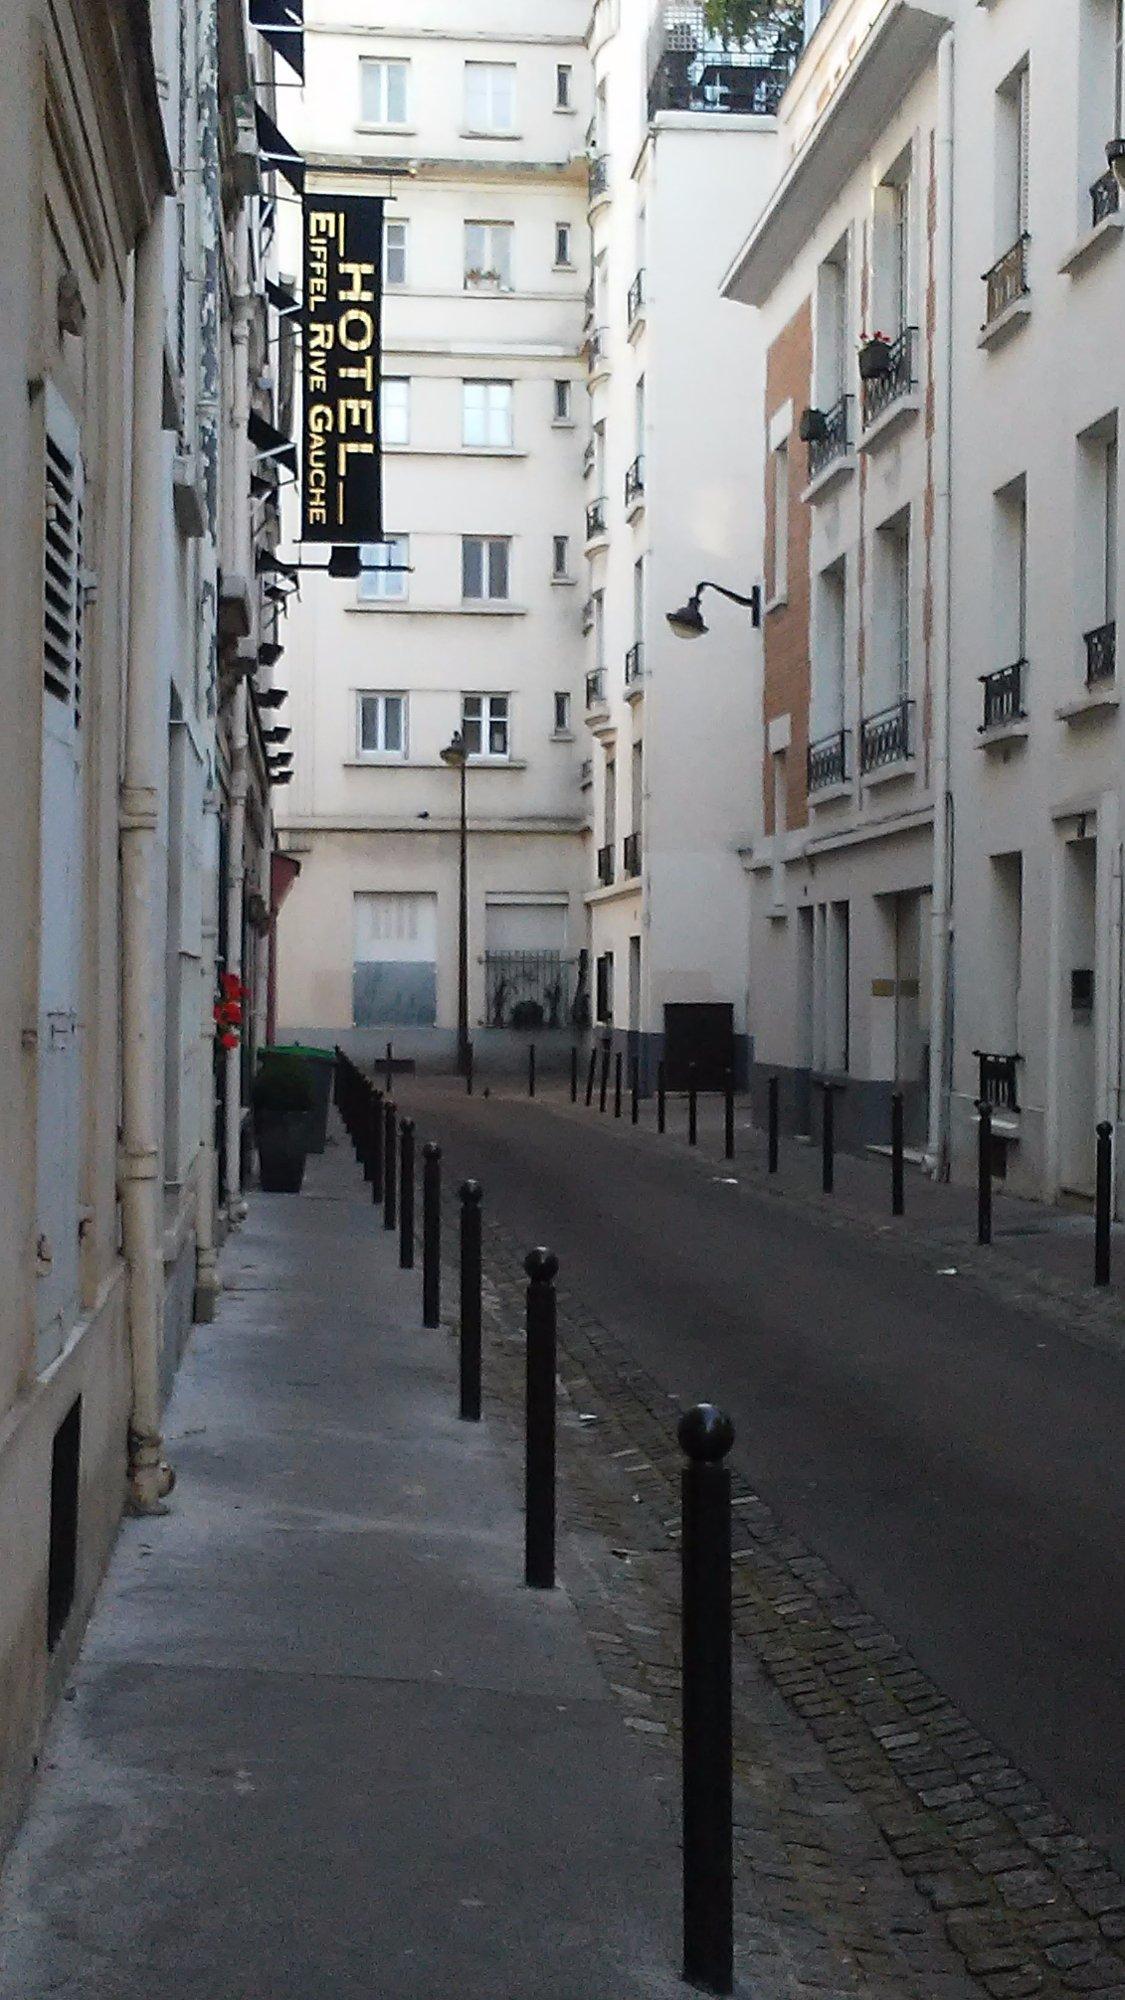 Hotel Relais Bosquet Eiffel Rive Gauche 2017 Prices Reviews Photos Paris France